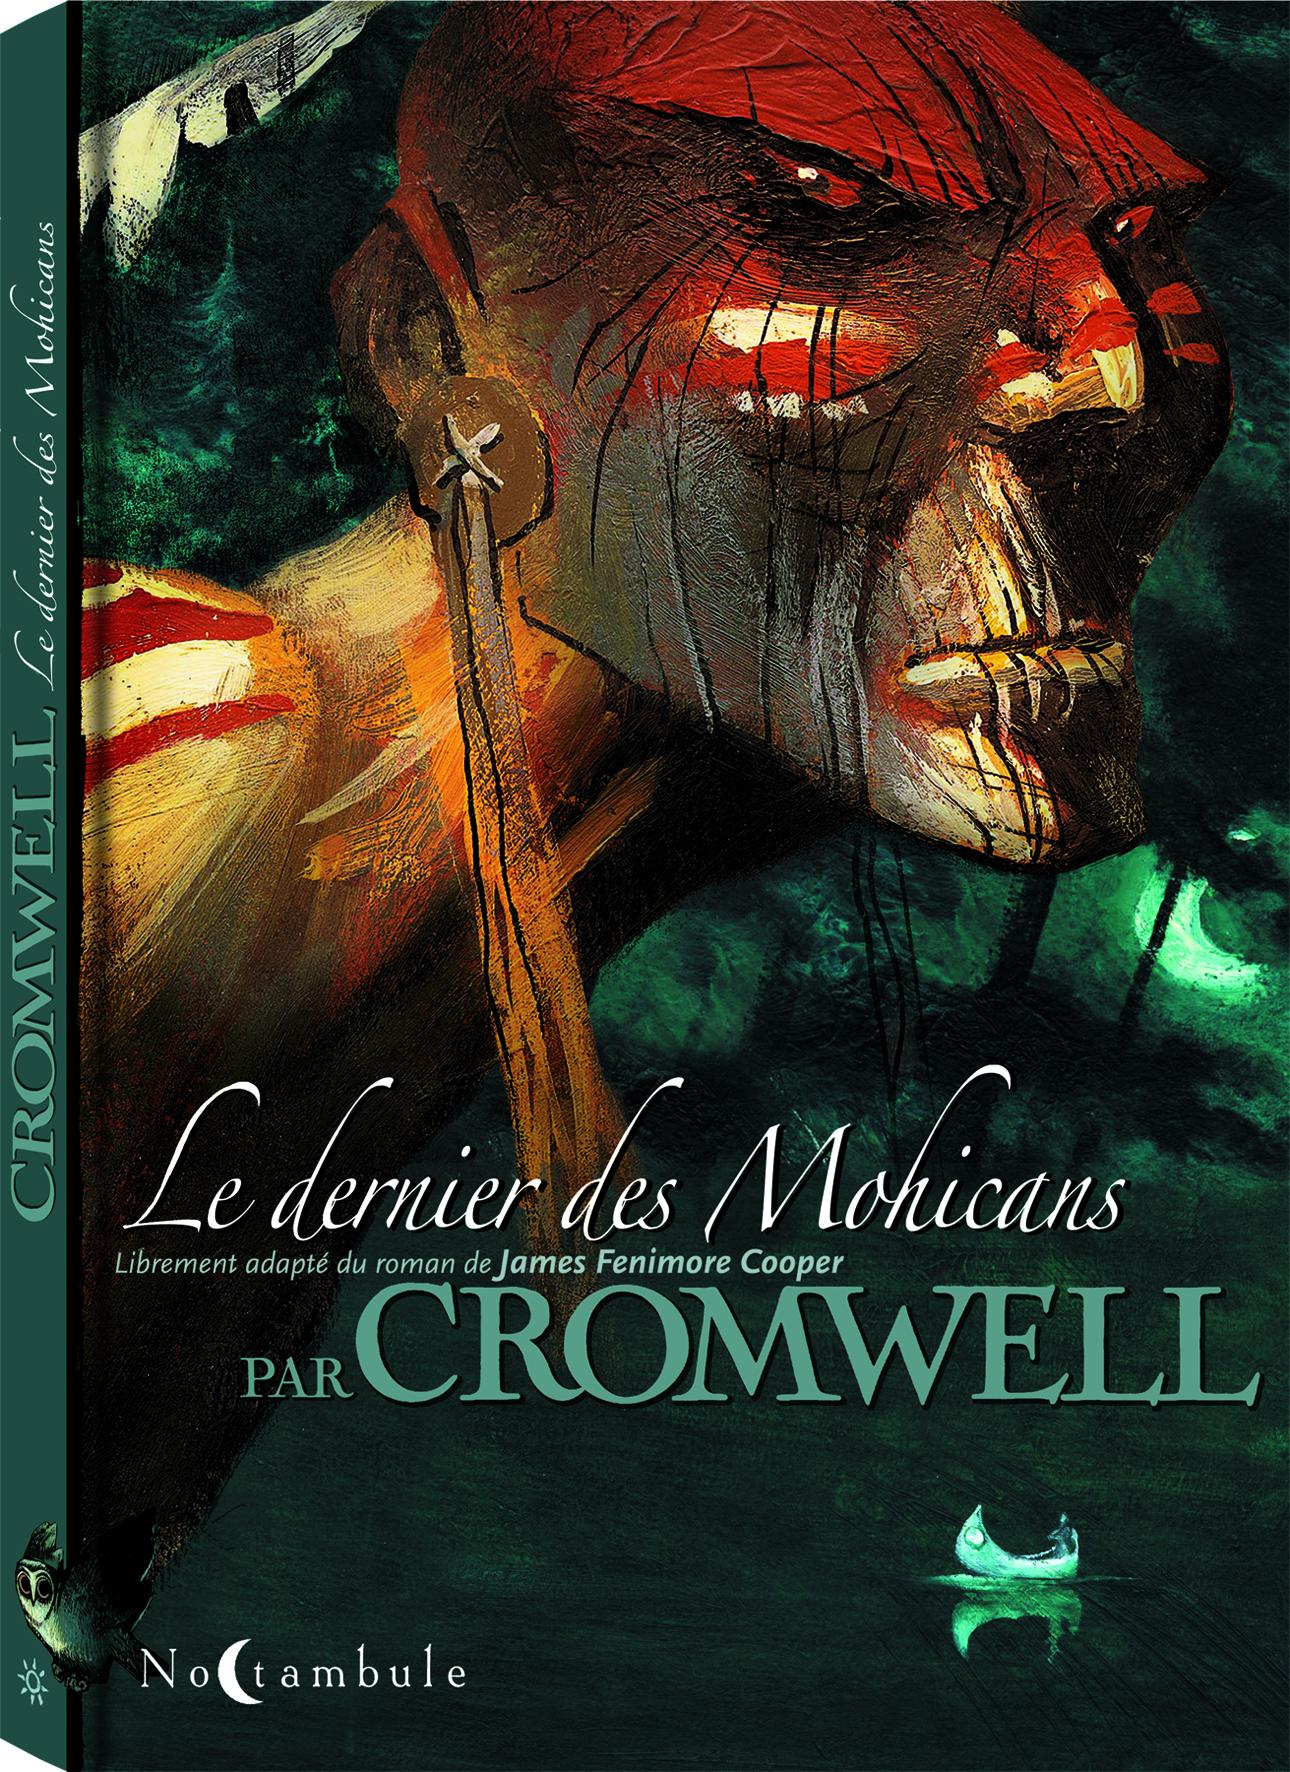 Le dernier des Mohicans (Cromwell) 1 - Le dernier des Mohicans